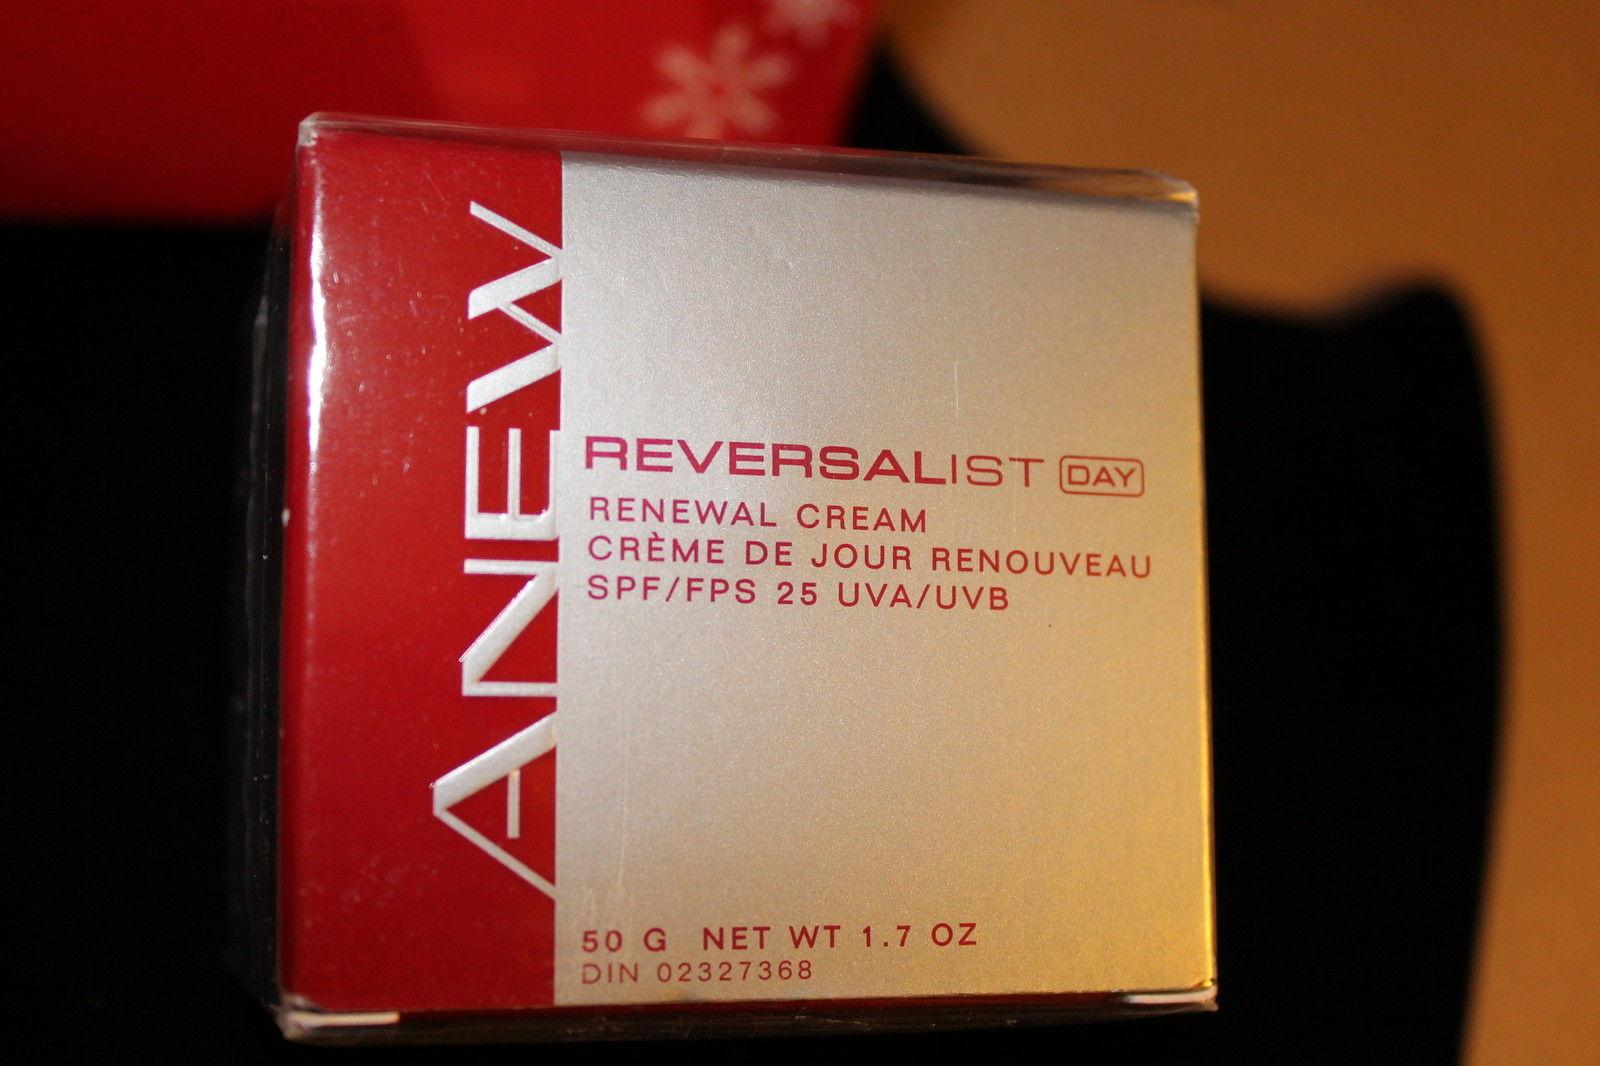 Anew reversalist day cream